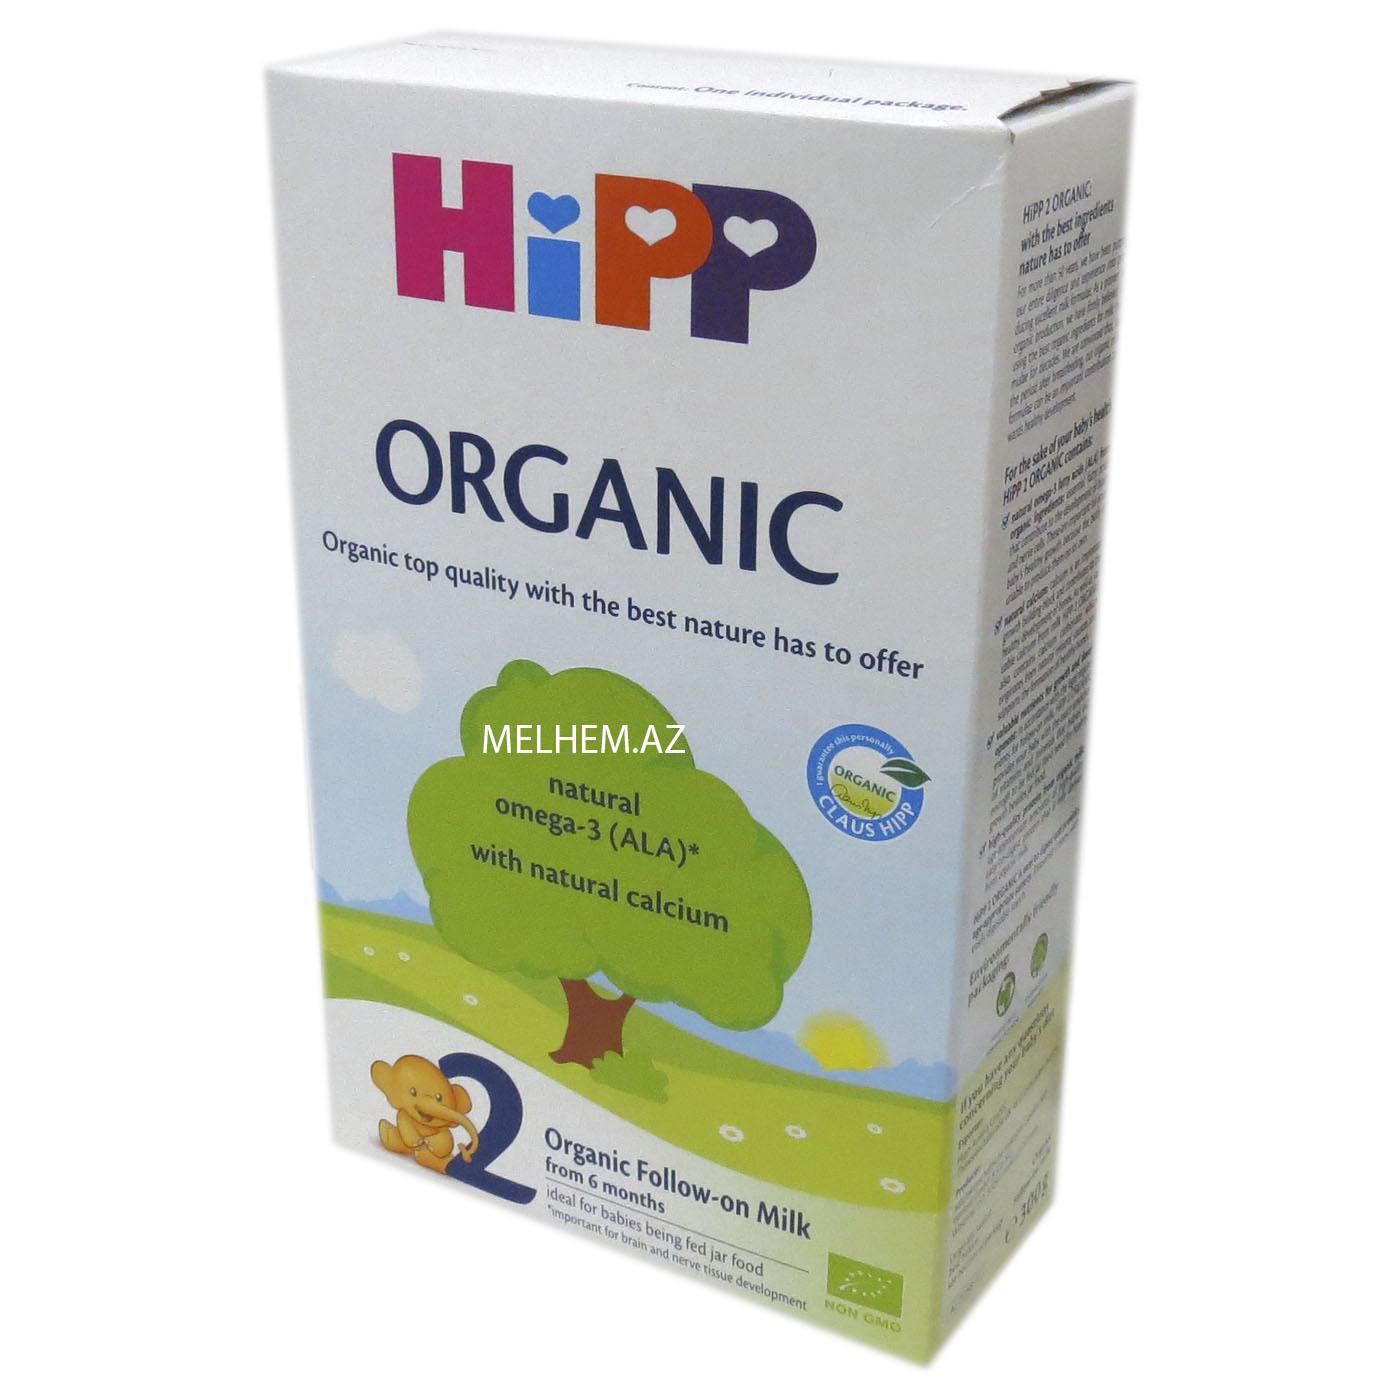 HIPP ORGANIC 2